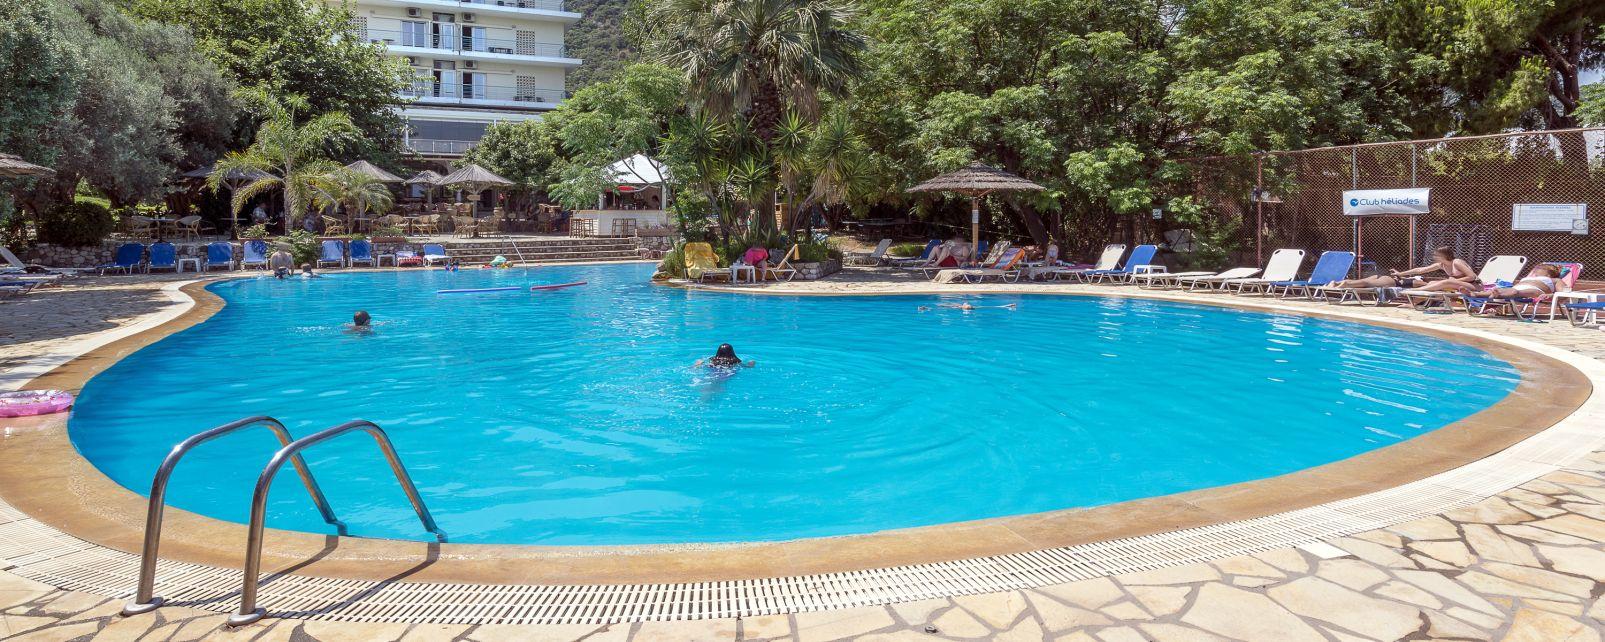 Hotel Florida Blue Bay